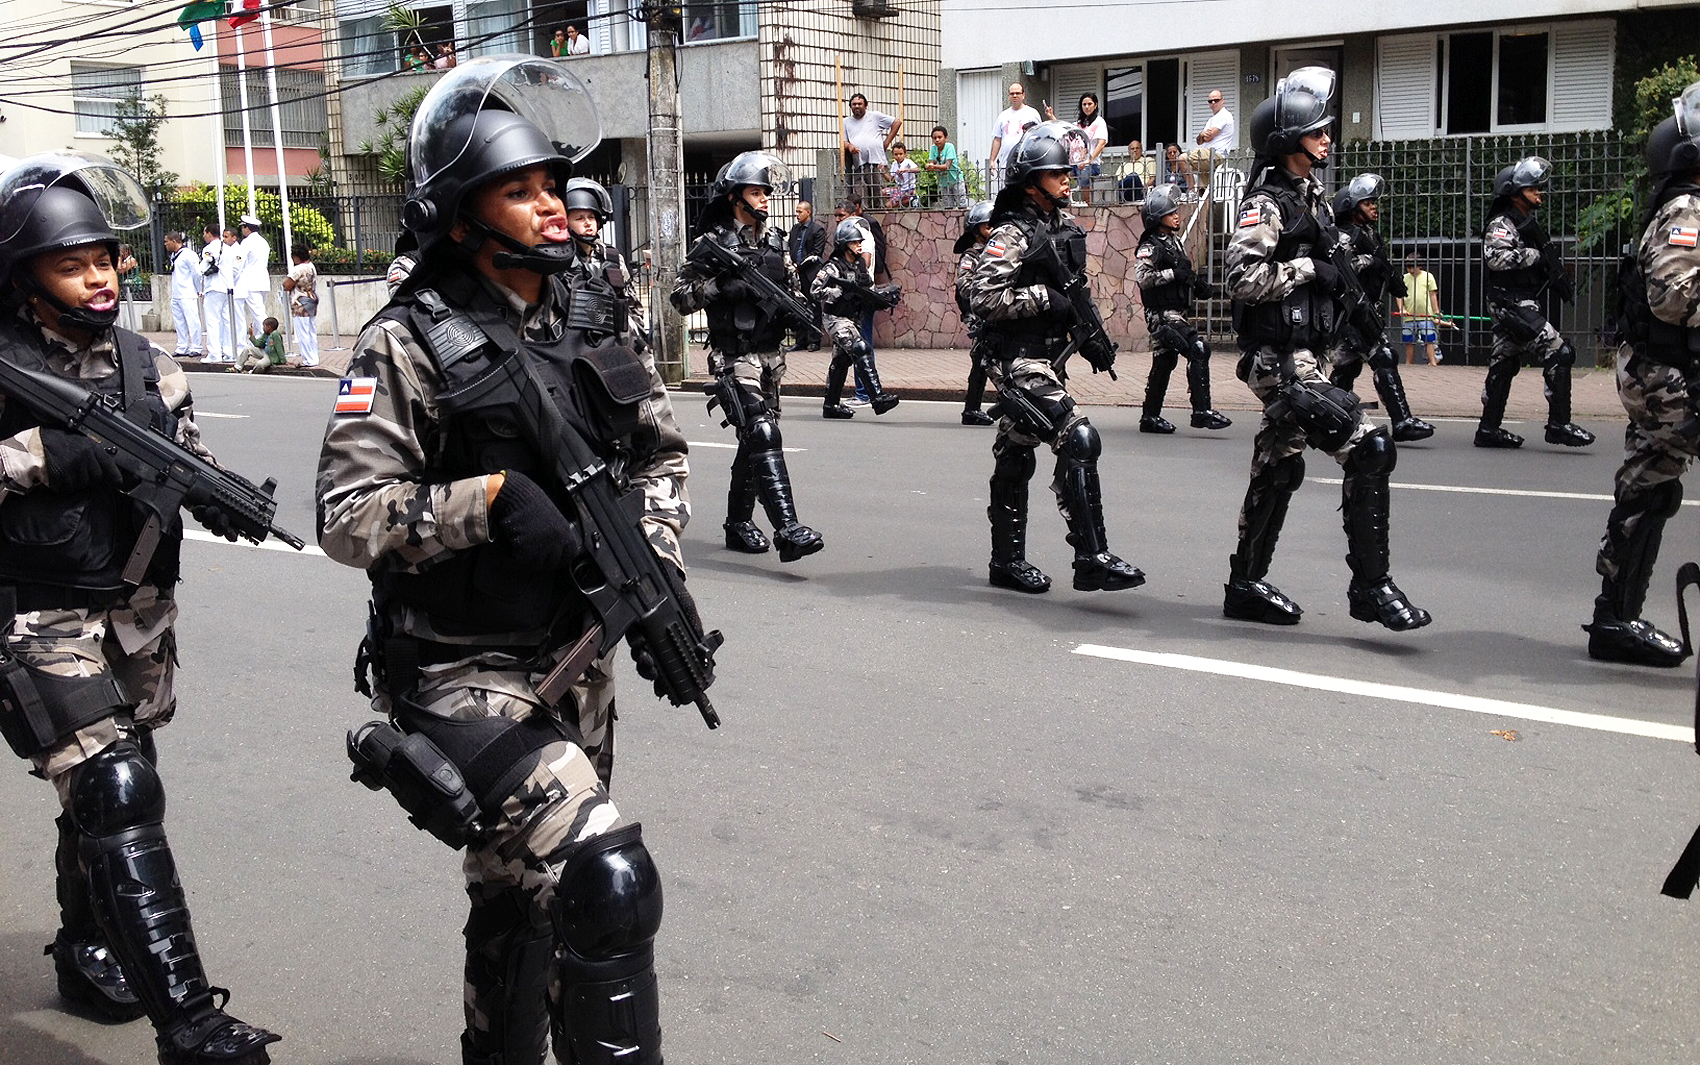 Tropa de choque no desfile do centro de Salvador, na manhã deste domingo